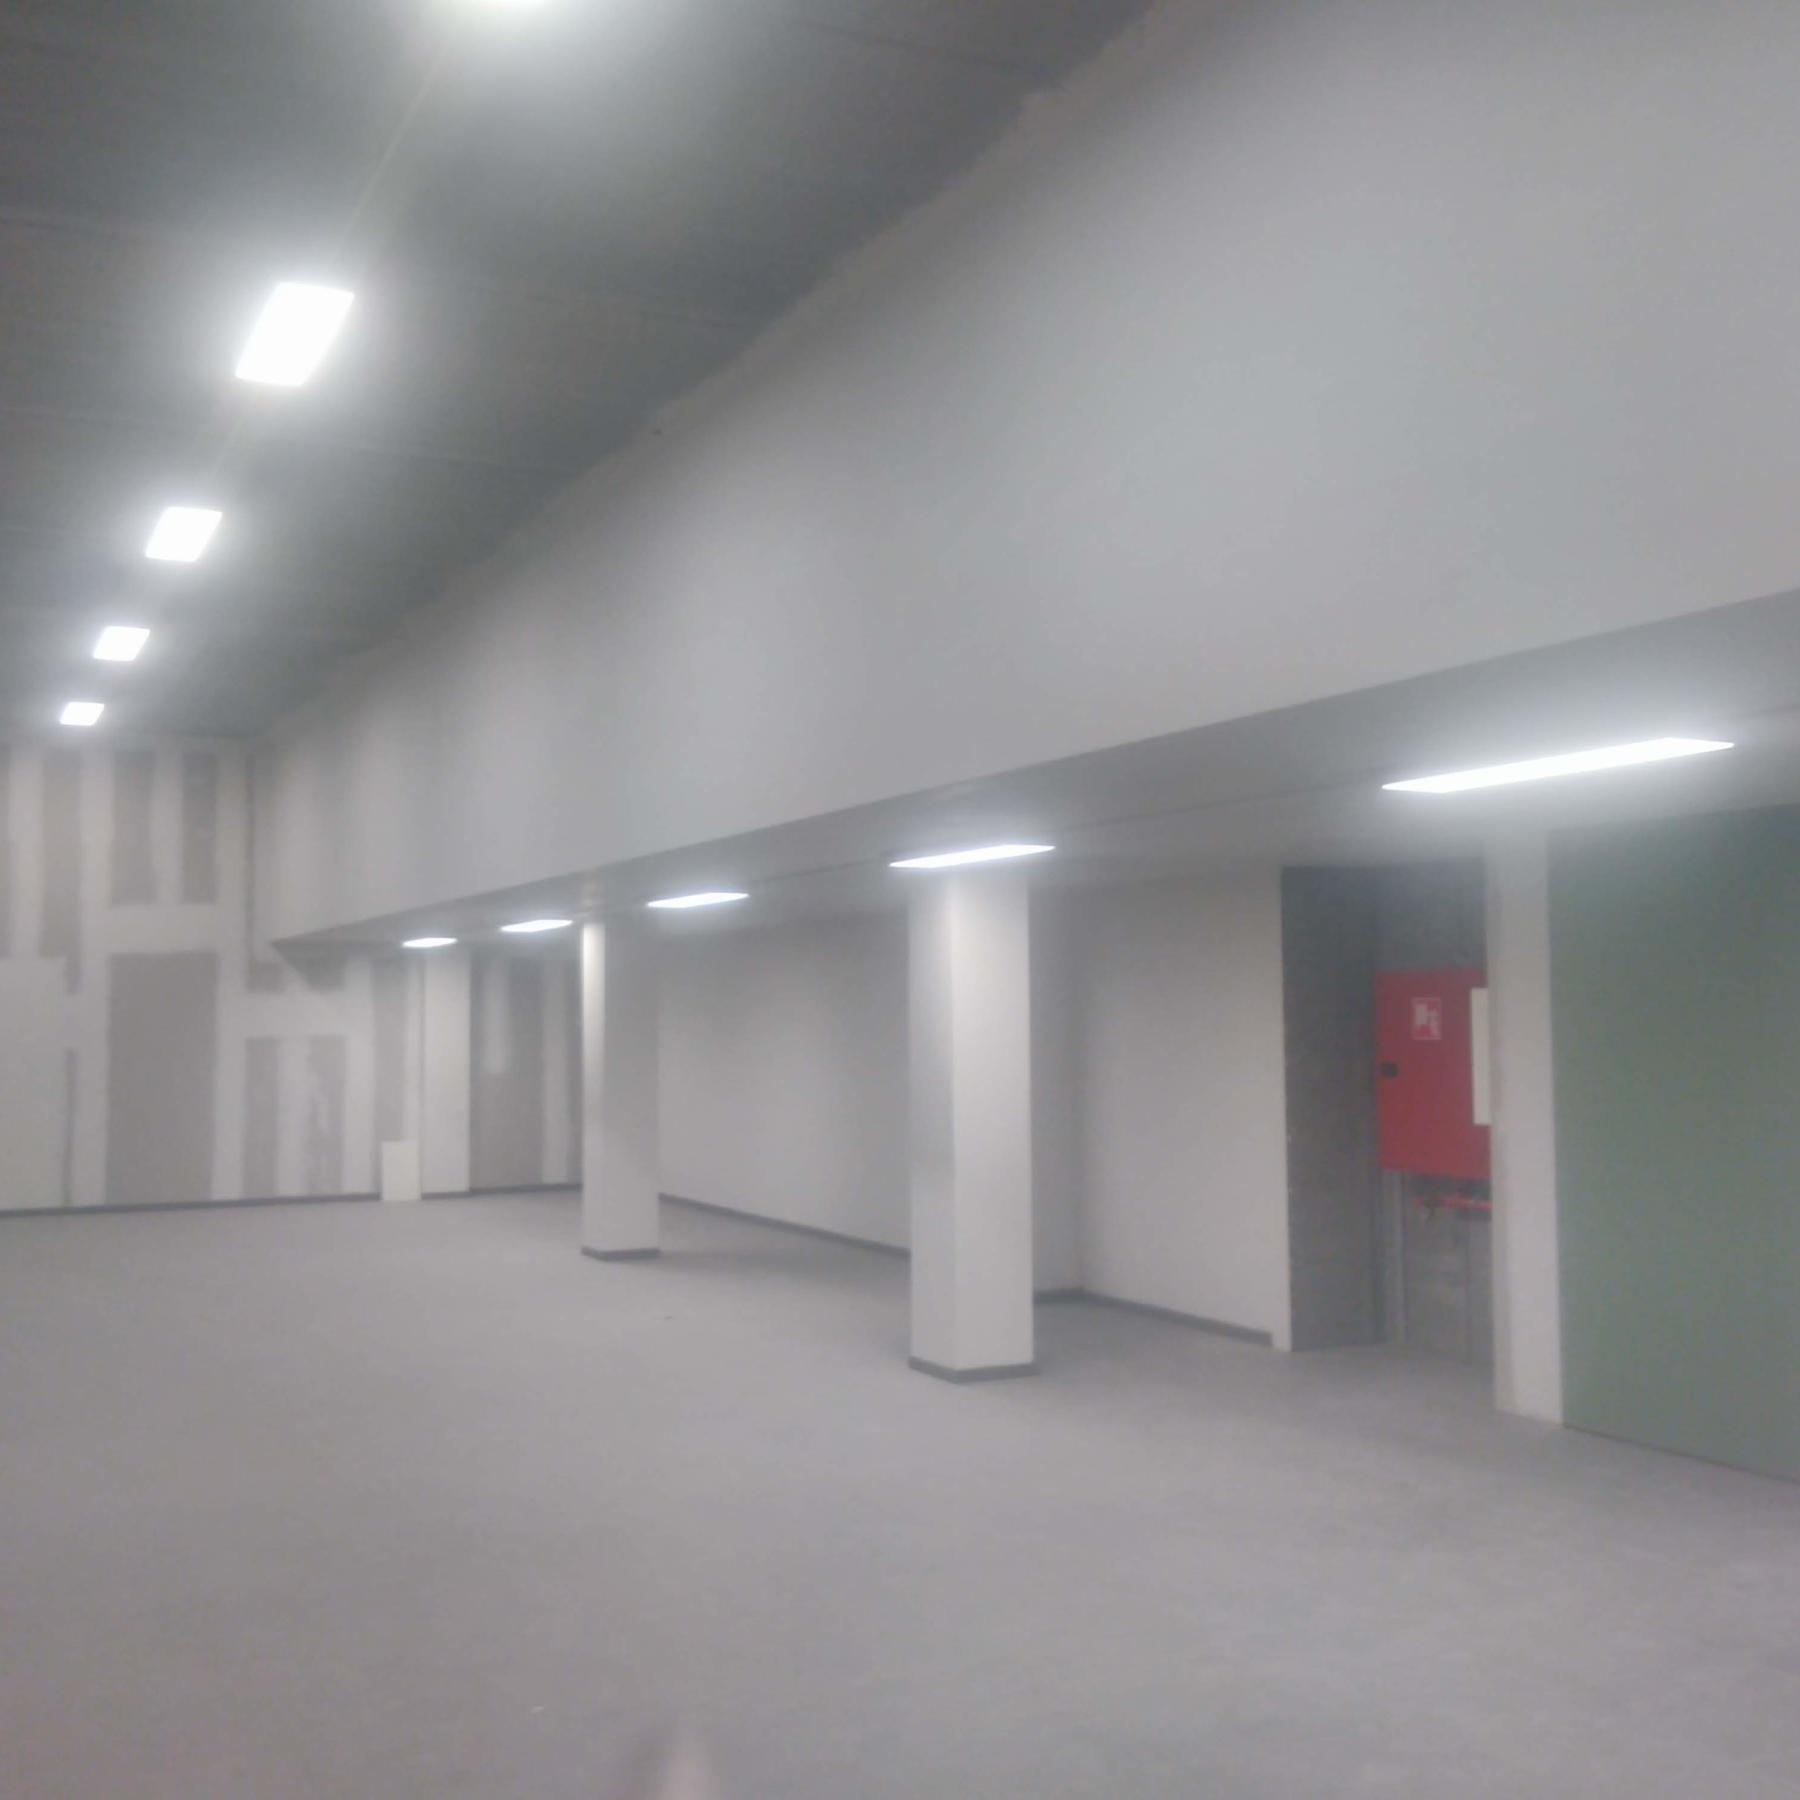 Lichtstudie en uitvoeren van Kantoorverlichting voor TakeAway.com Gent